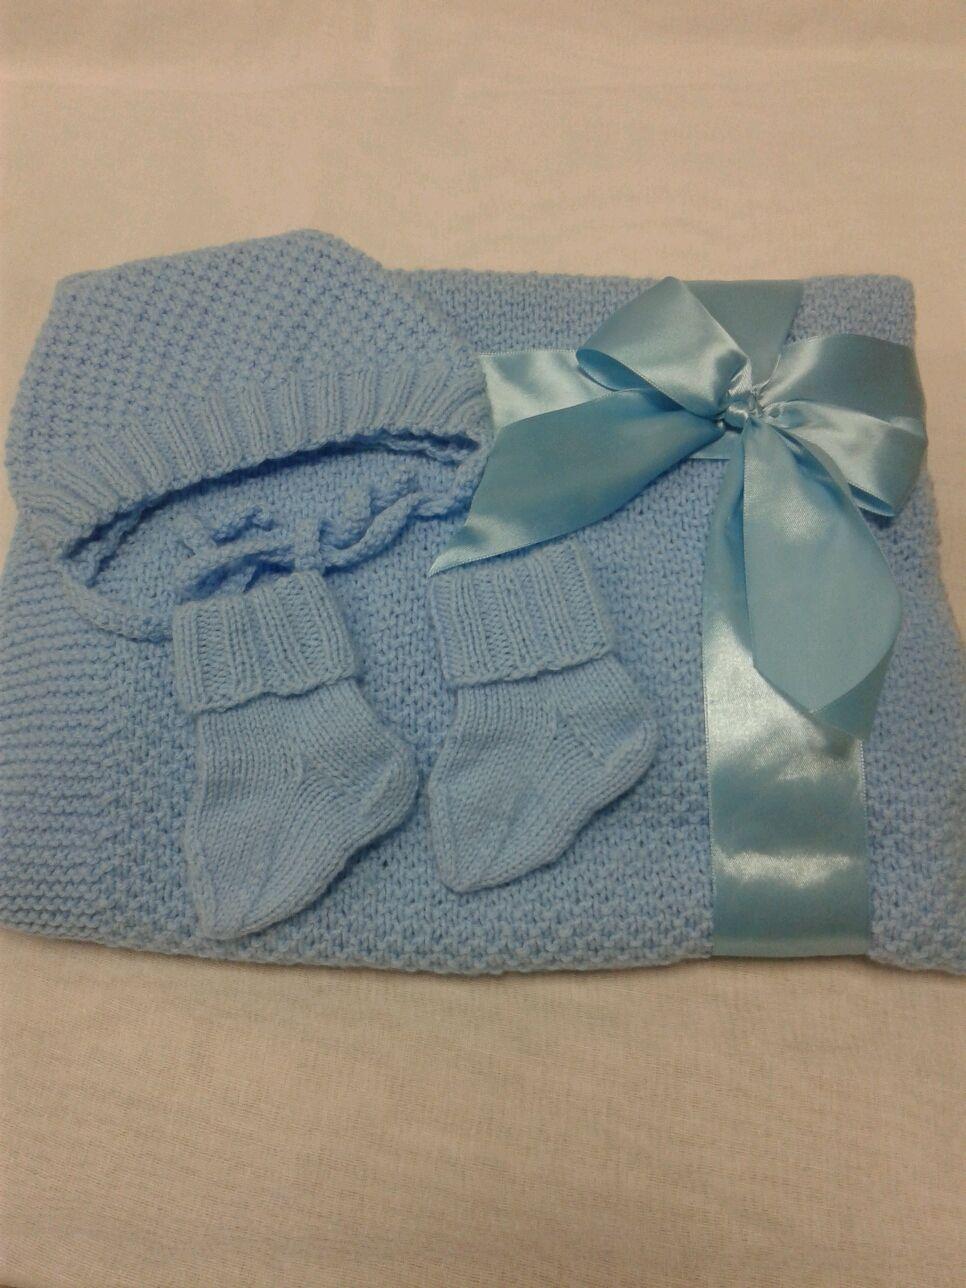 Для новорожденных, ручной работы. Ярмарка Мастеров - ручная работа. Купить Набор для новорожденного(мальчик). Handmade. Хороший подарок на выписку